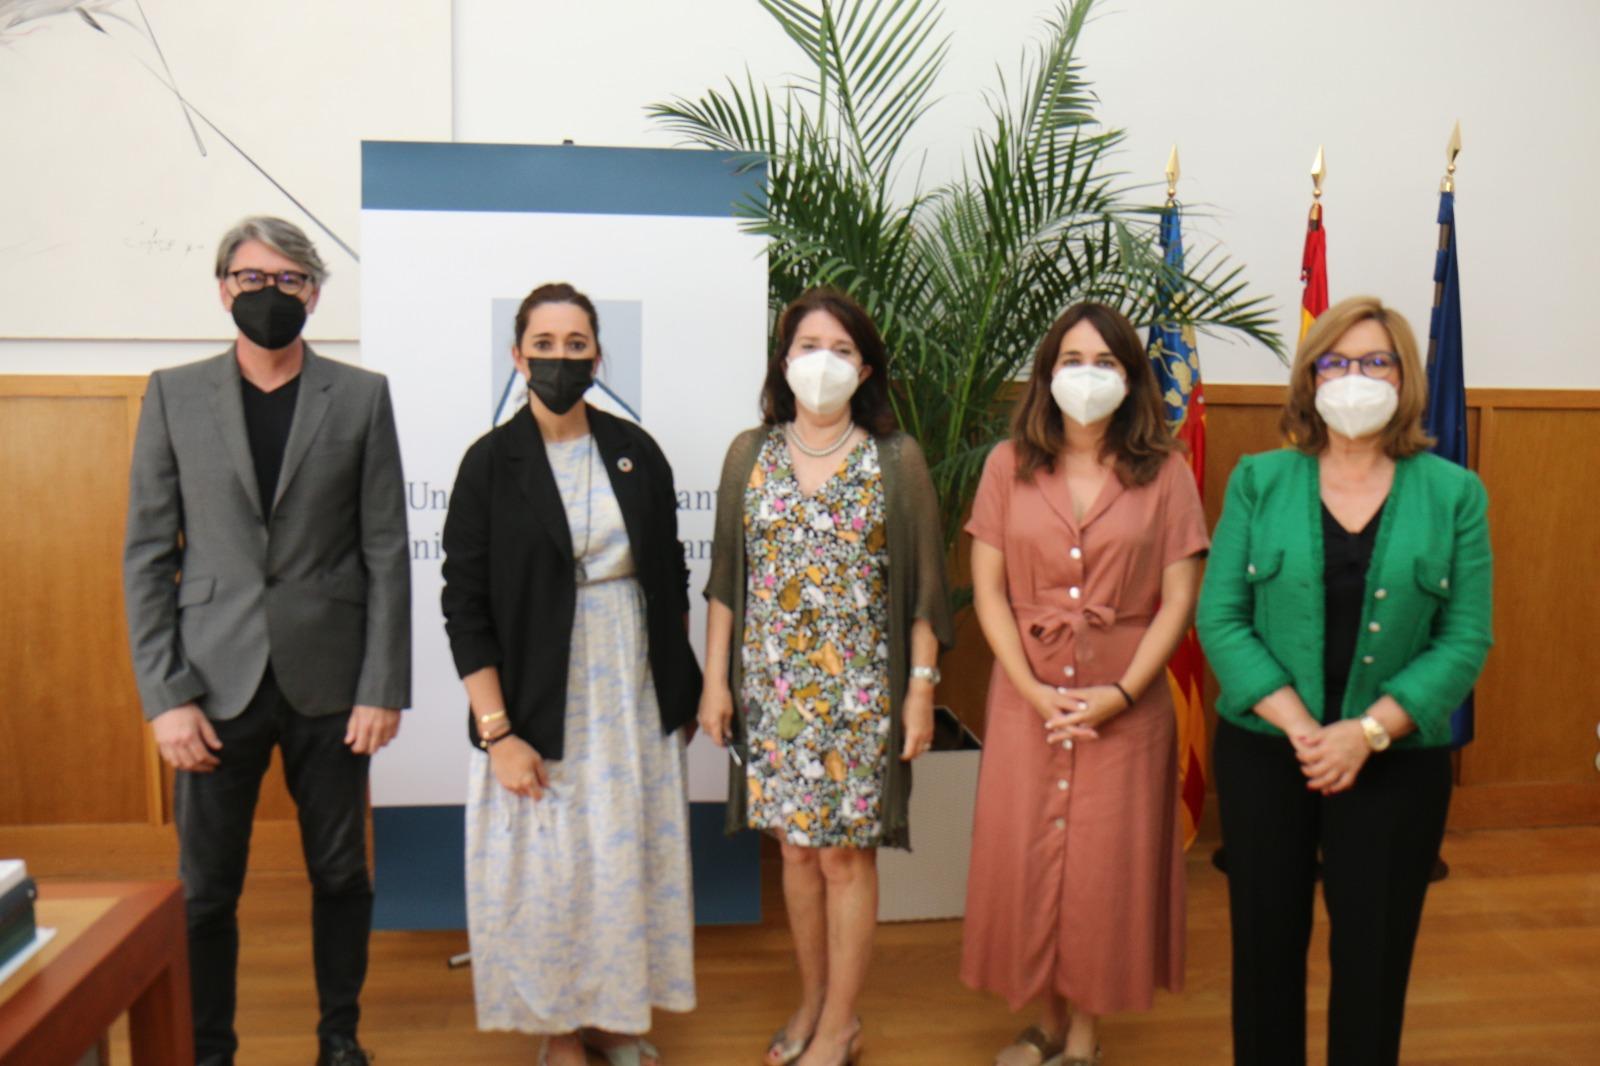 La Conselleria de Vivienda renueva el convenio de la Cátedra de Arquitectura Sostenible con la Universidad de Alicante